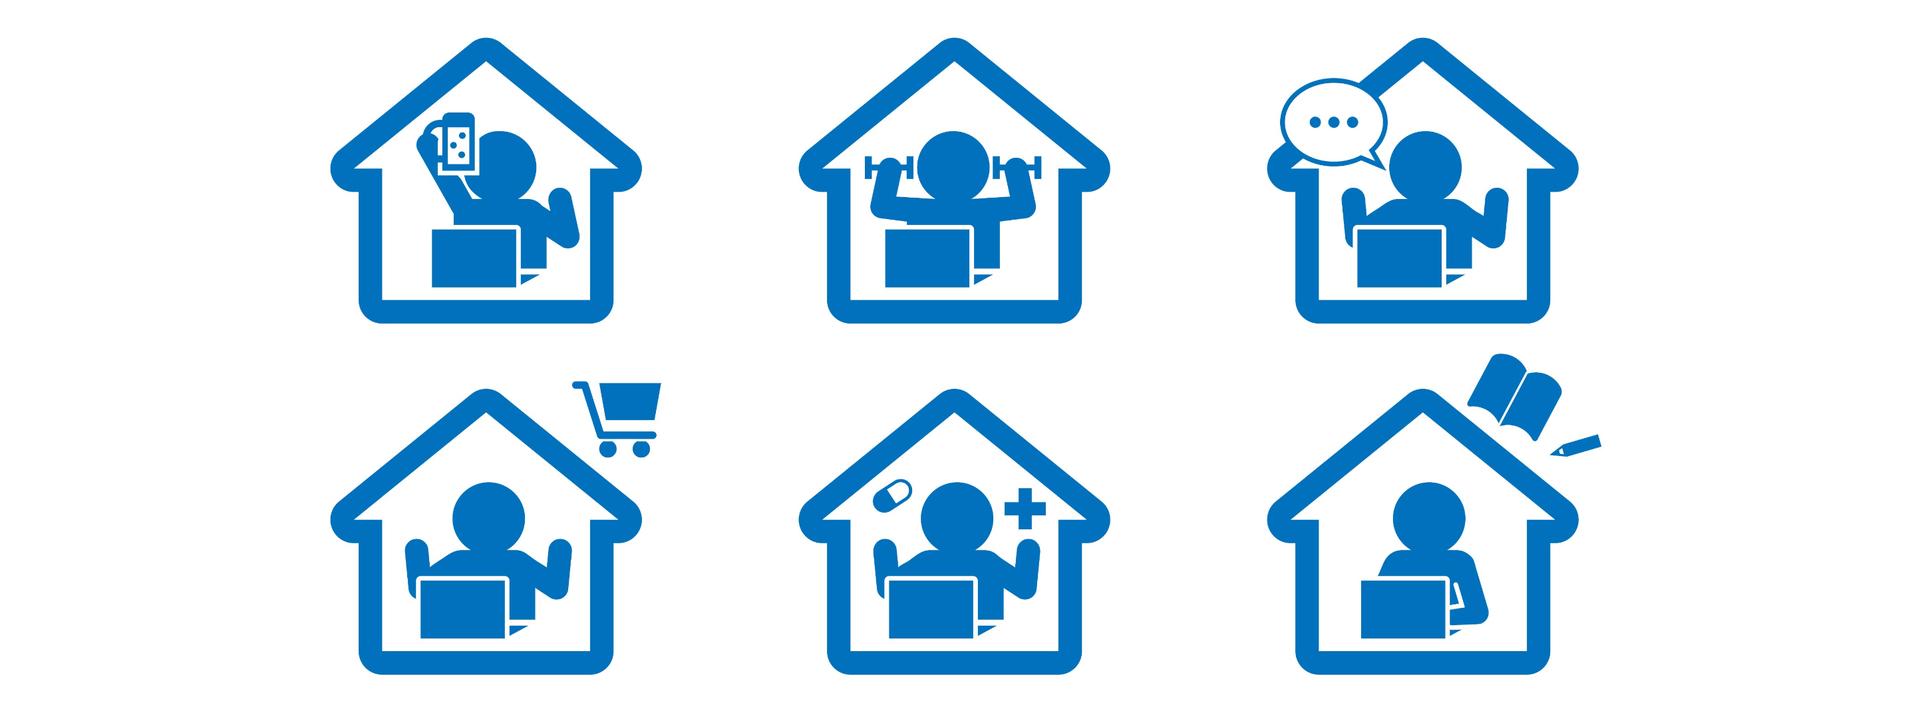 2021年からは在宅ワークと在宅ライフでワーク・ライフ・バランスを考える|職住隣接物語 www.ngsw.net